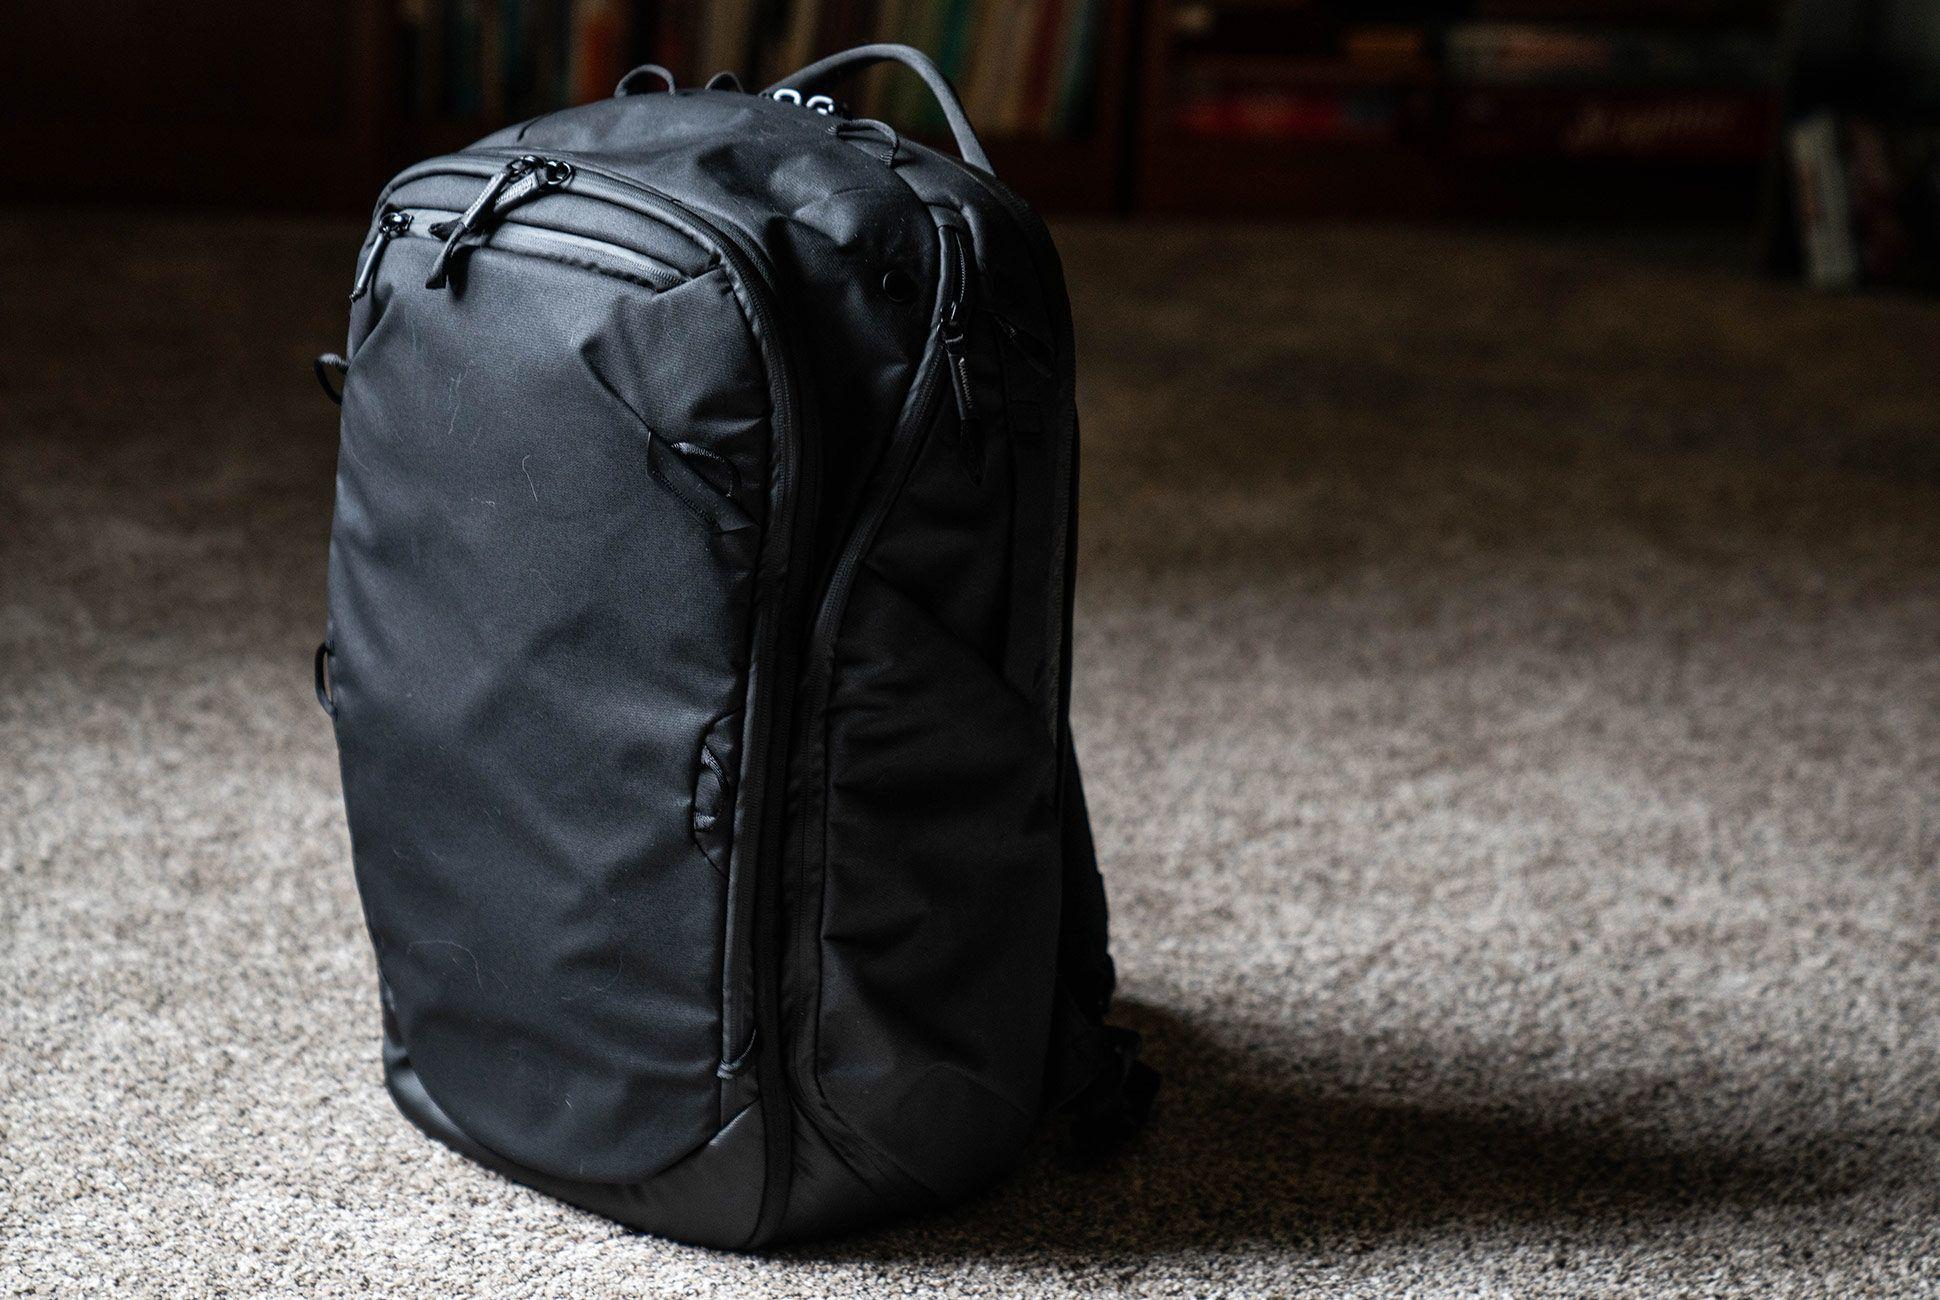 peak-design-backpack-gear-patrol-slide-02